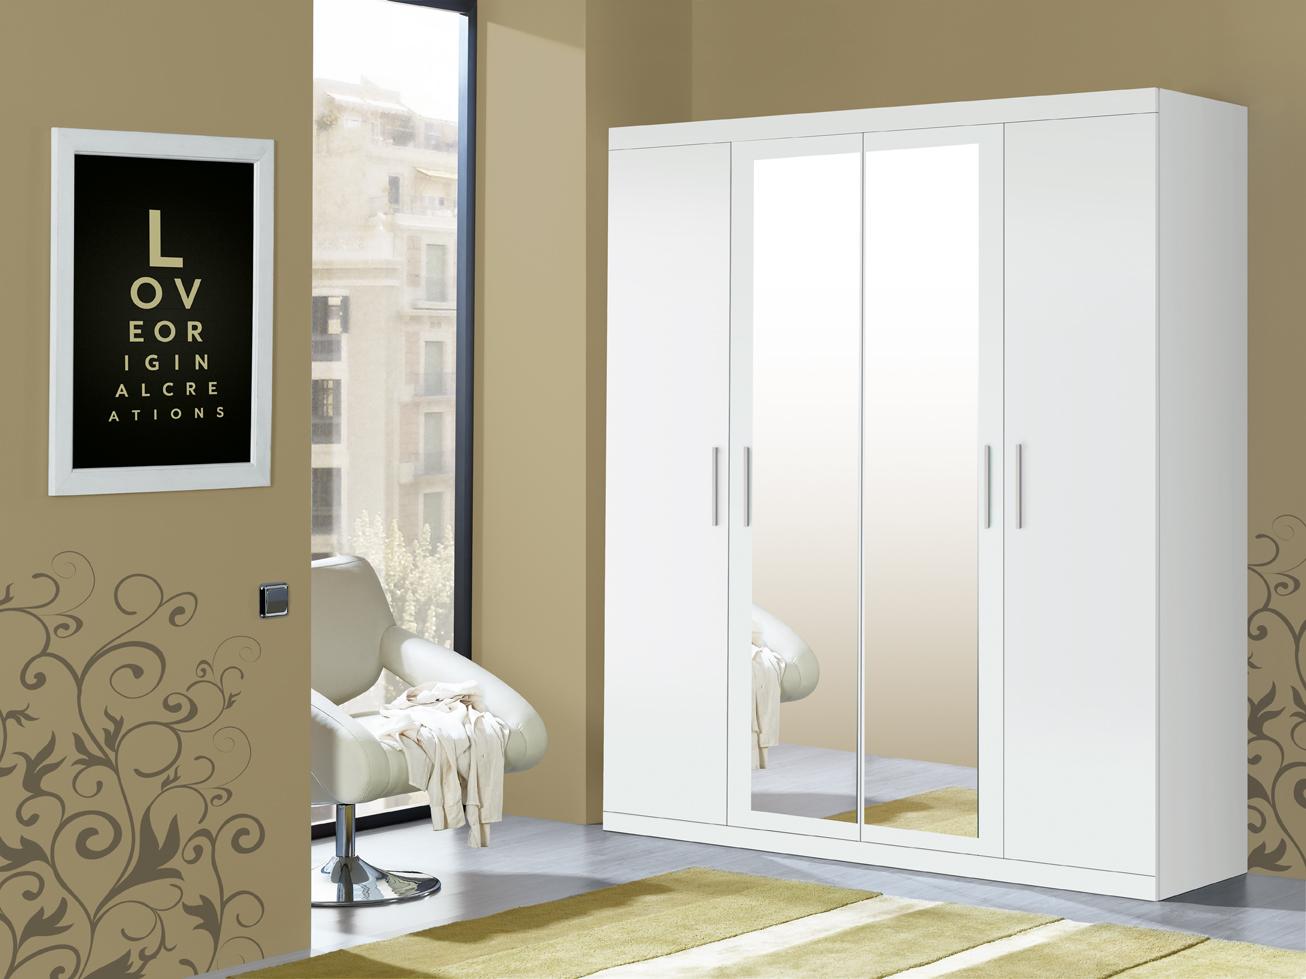 Muebles paco caballero ofertas del mueble for Muebles de habitacion en blanco